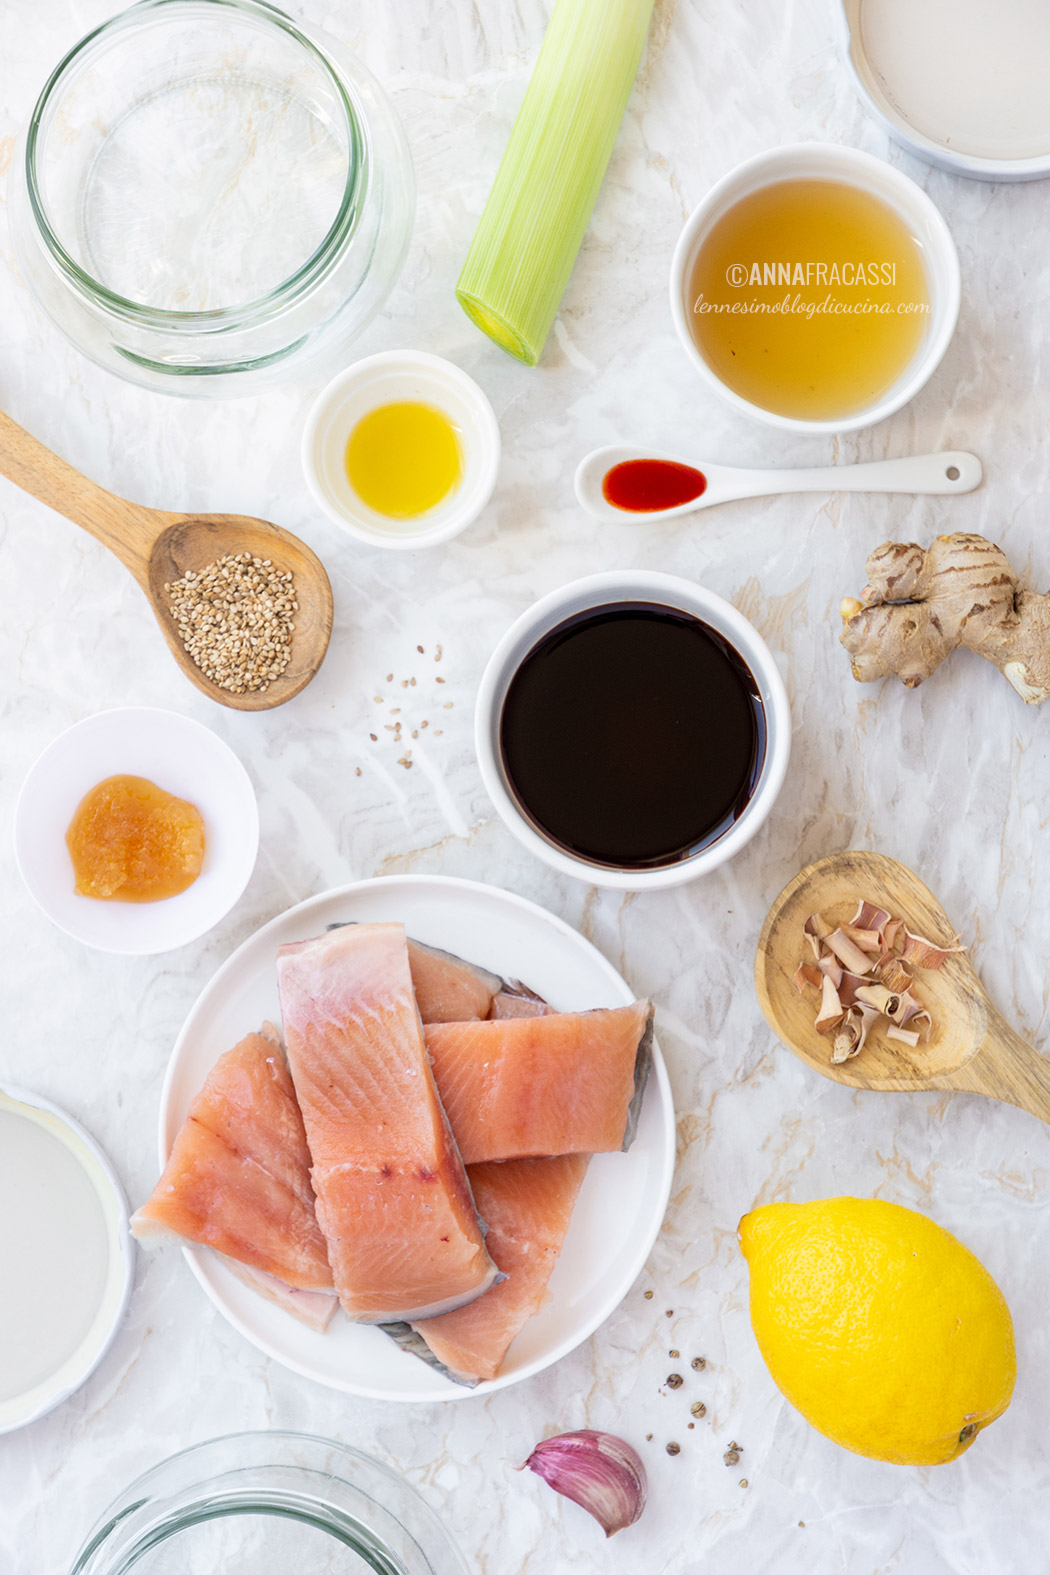 gli ingredienti della ricetta